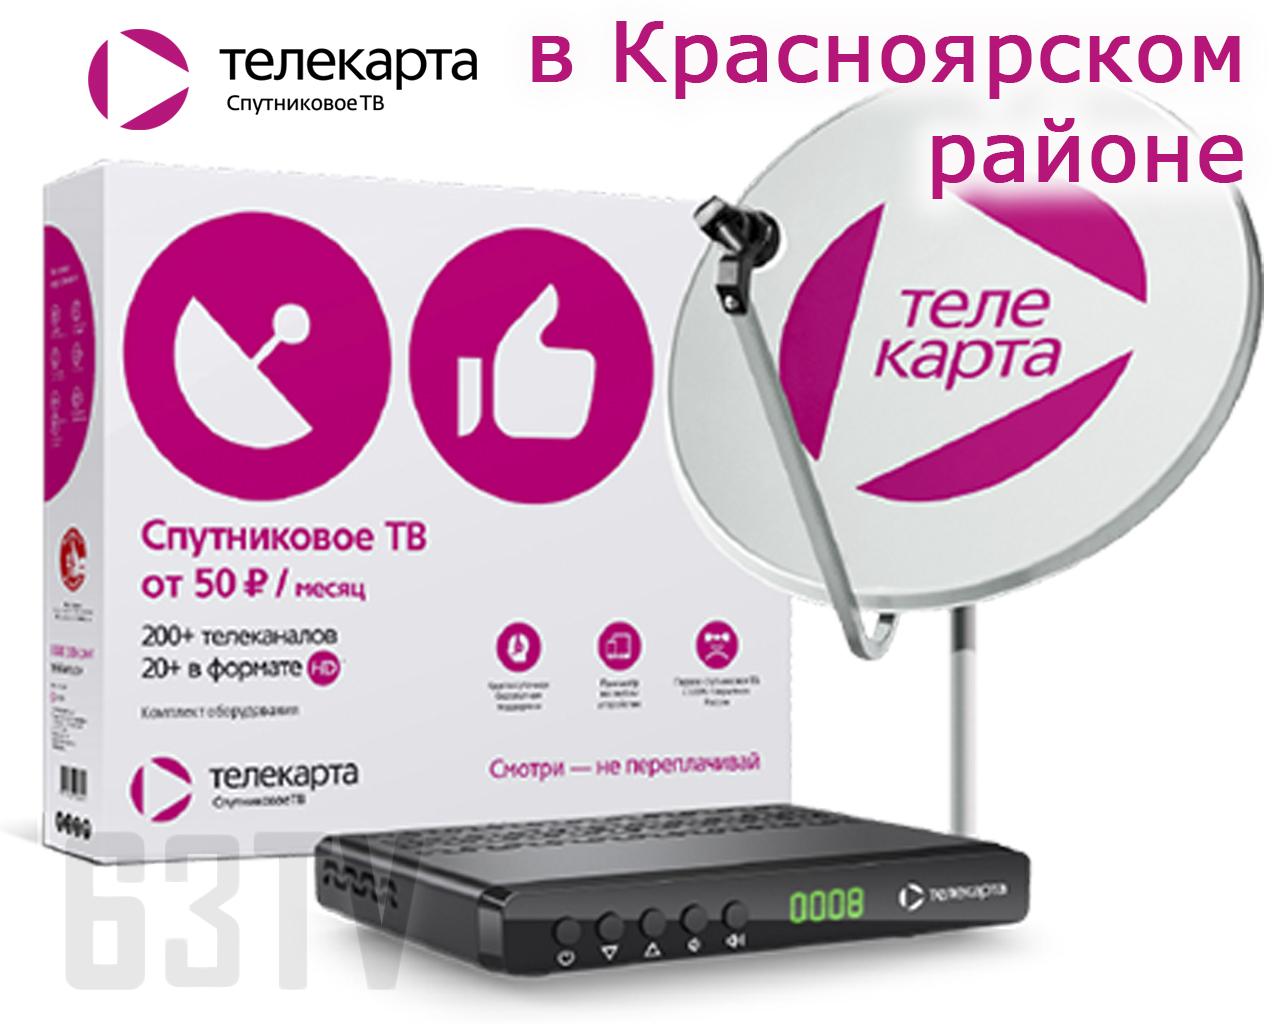 Телекарта ТВ в Красноярском районе